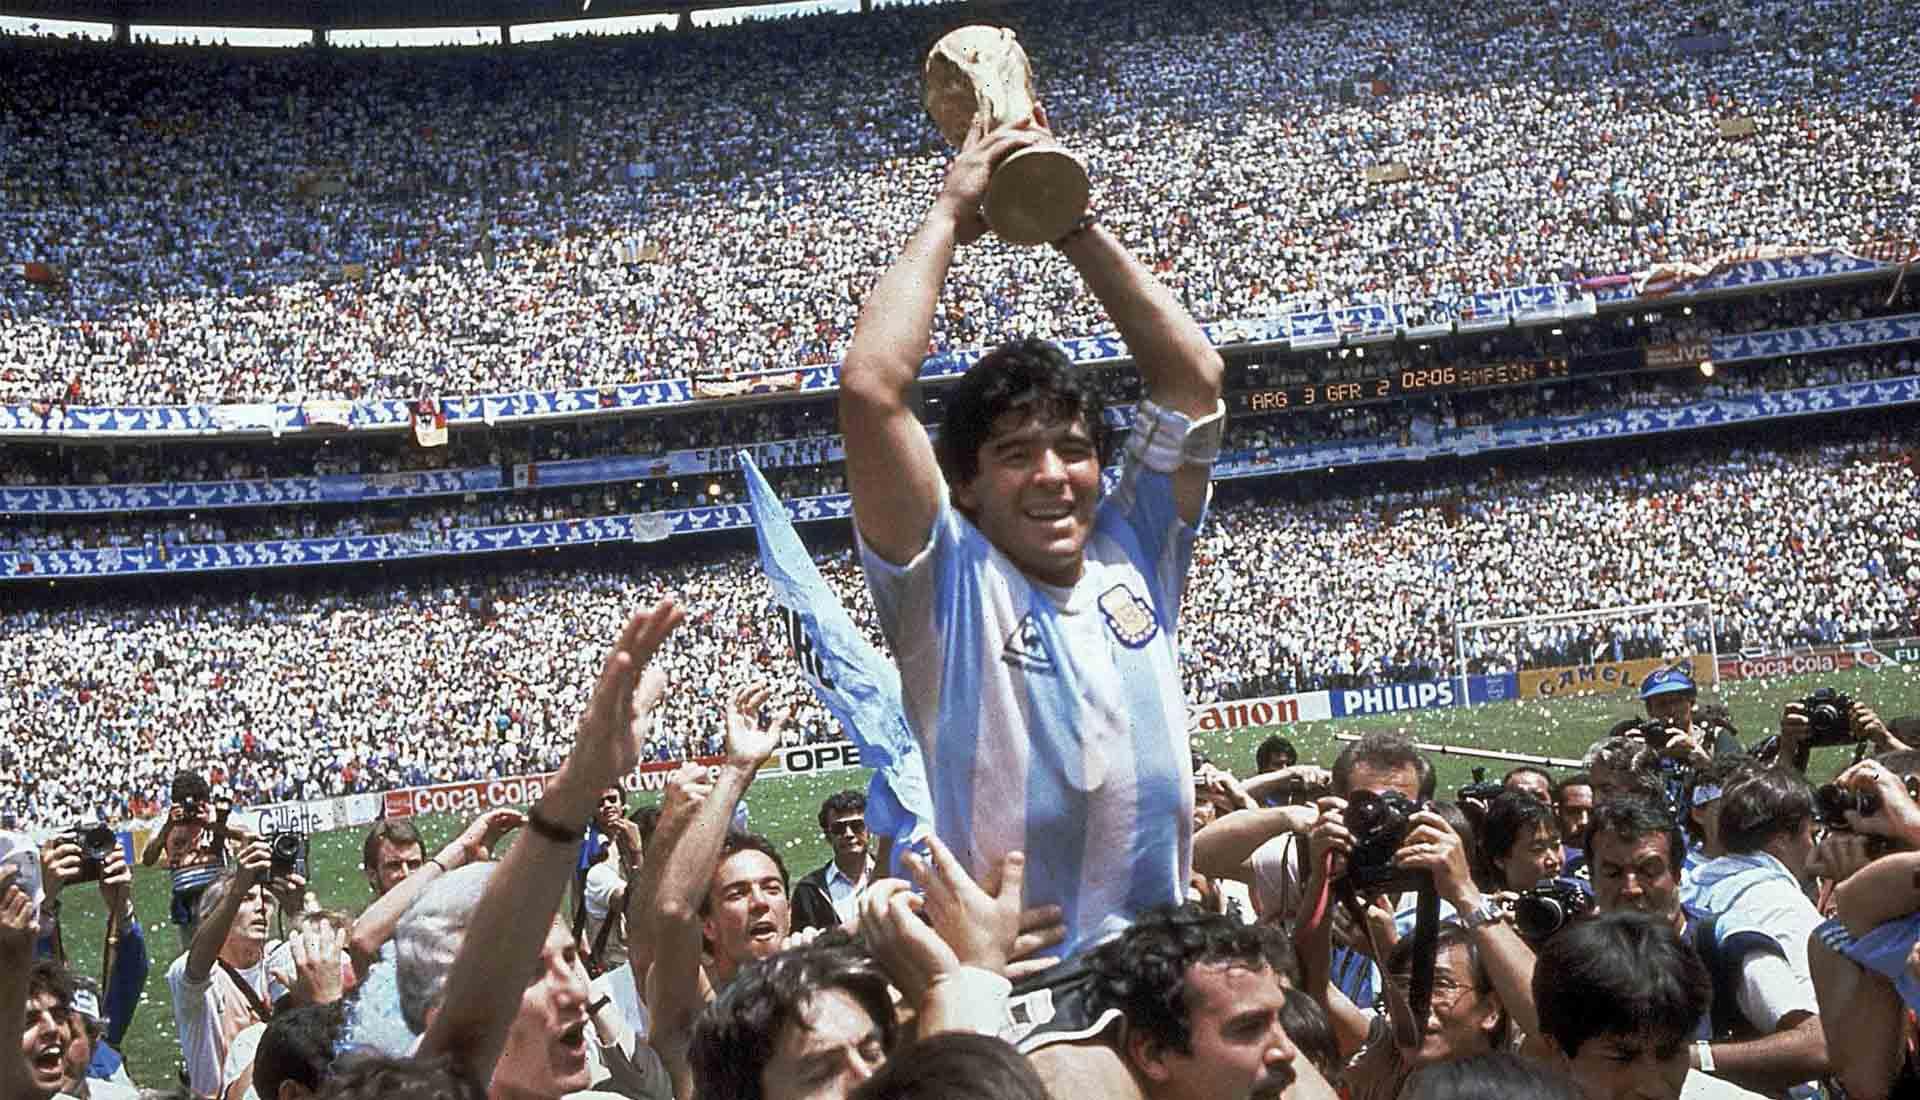 Diego Maradona là huyền thoại bóng đá người Argentina khi đưa đội này vô địch Worldcup 1986